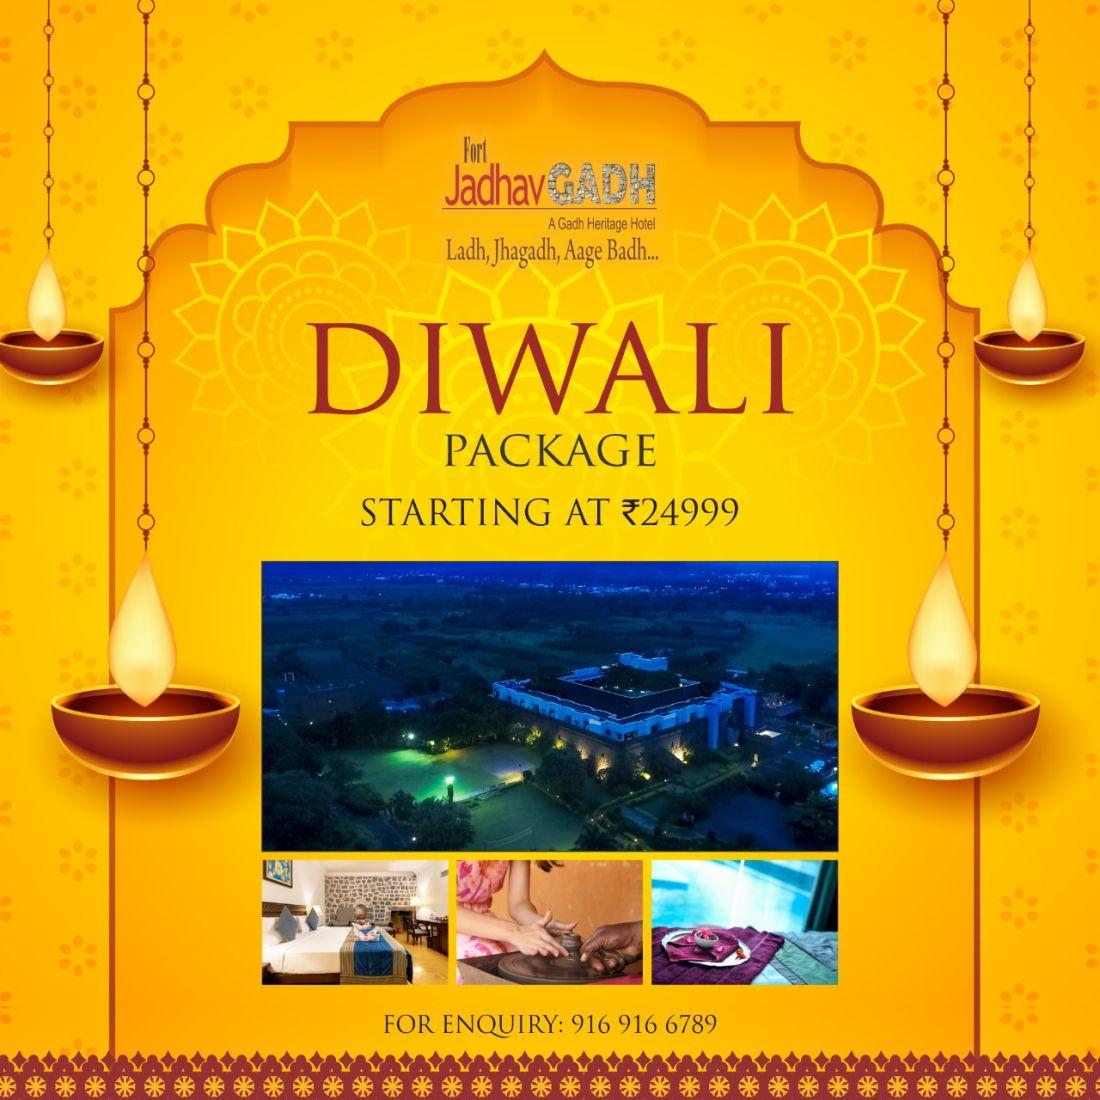 Diwali Package